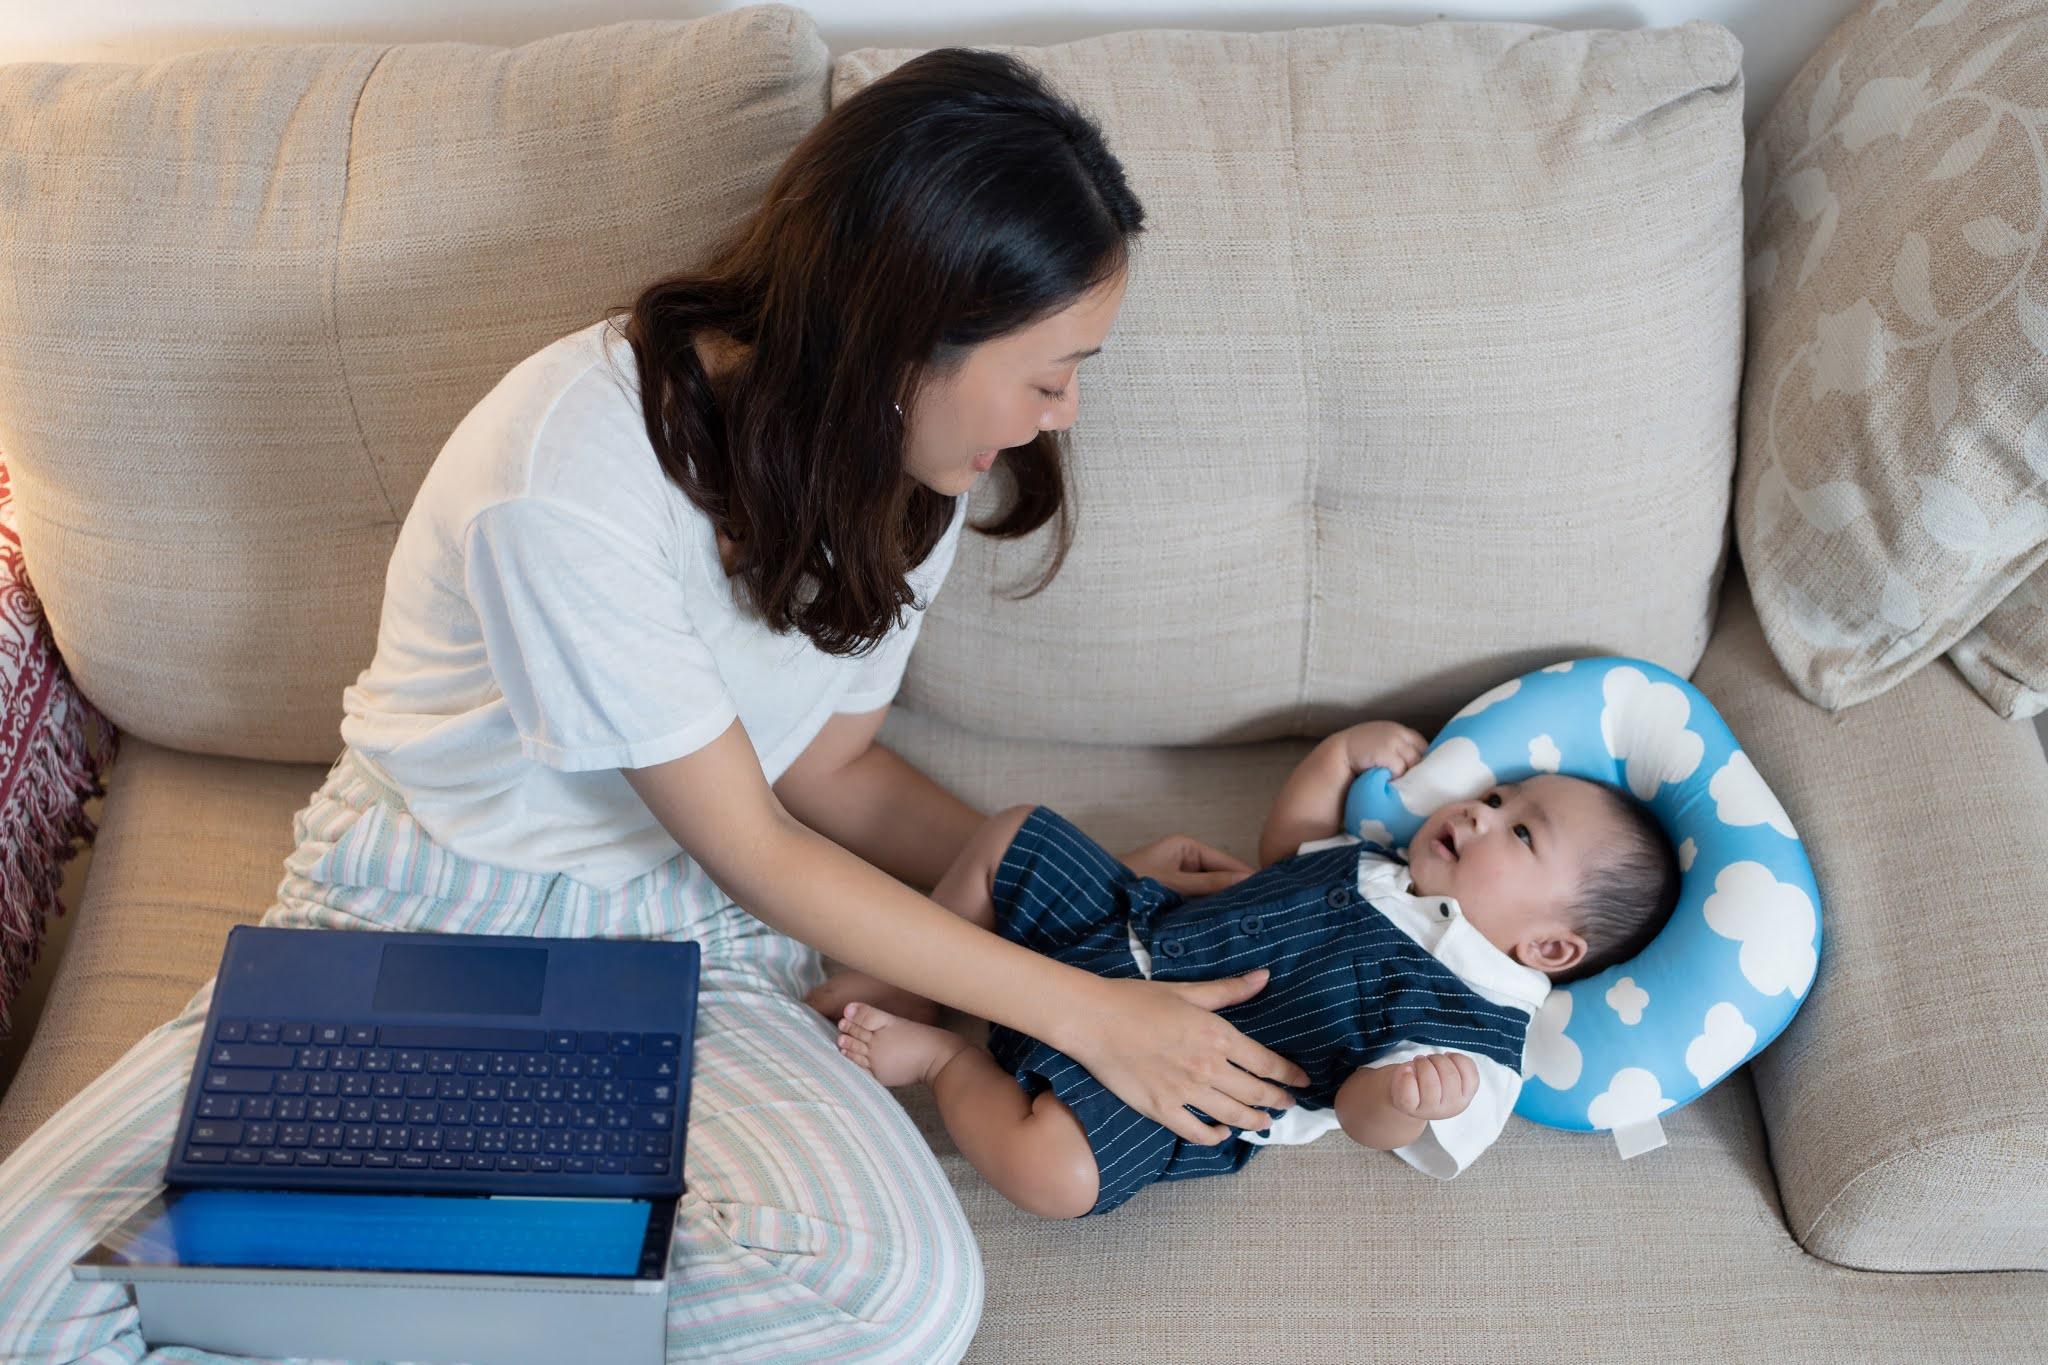 Voltar ao mercado de trabalho depois da maternidade